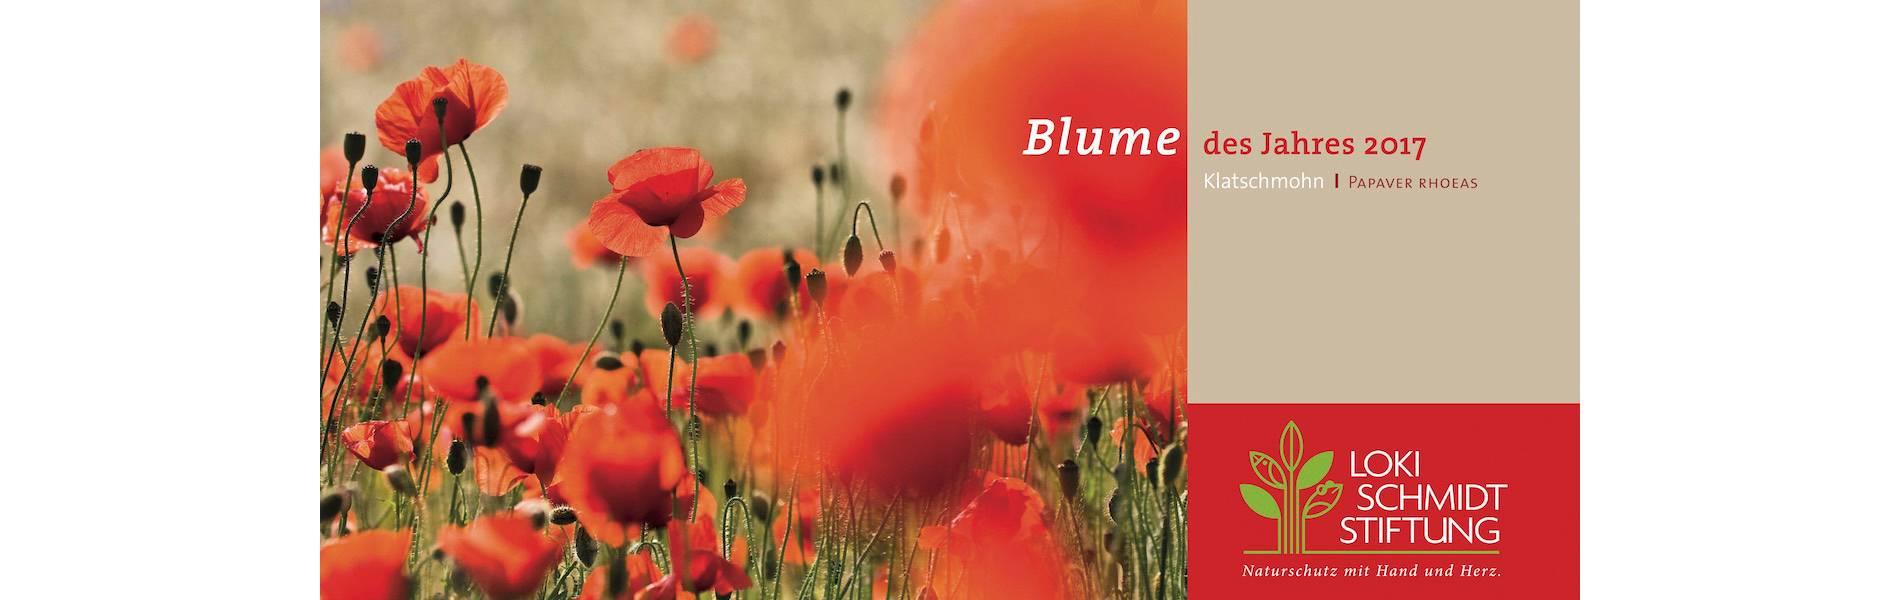 Blume_des_Jahres_Vorderseite_2_12.9.16